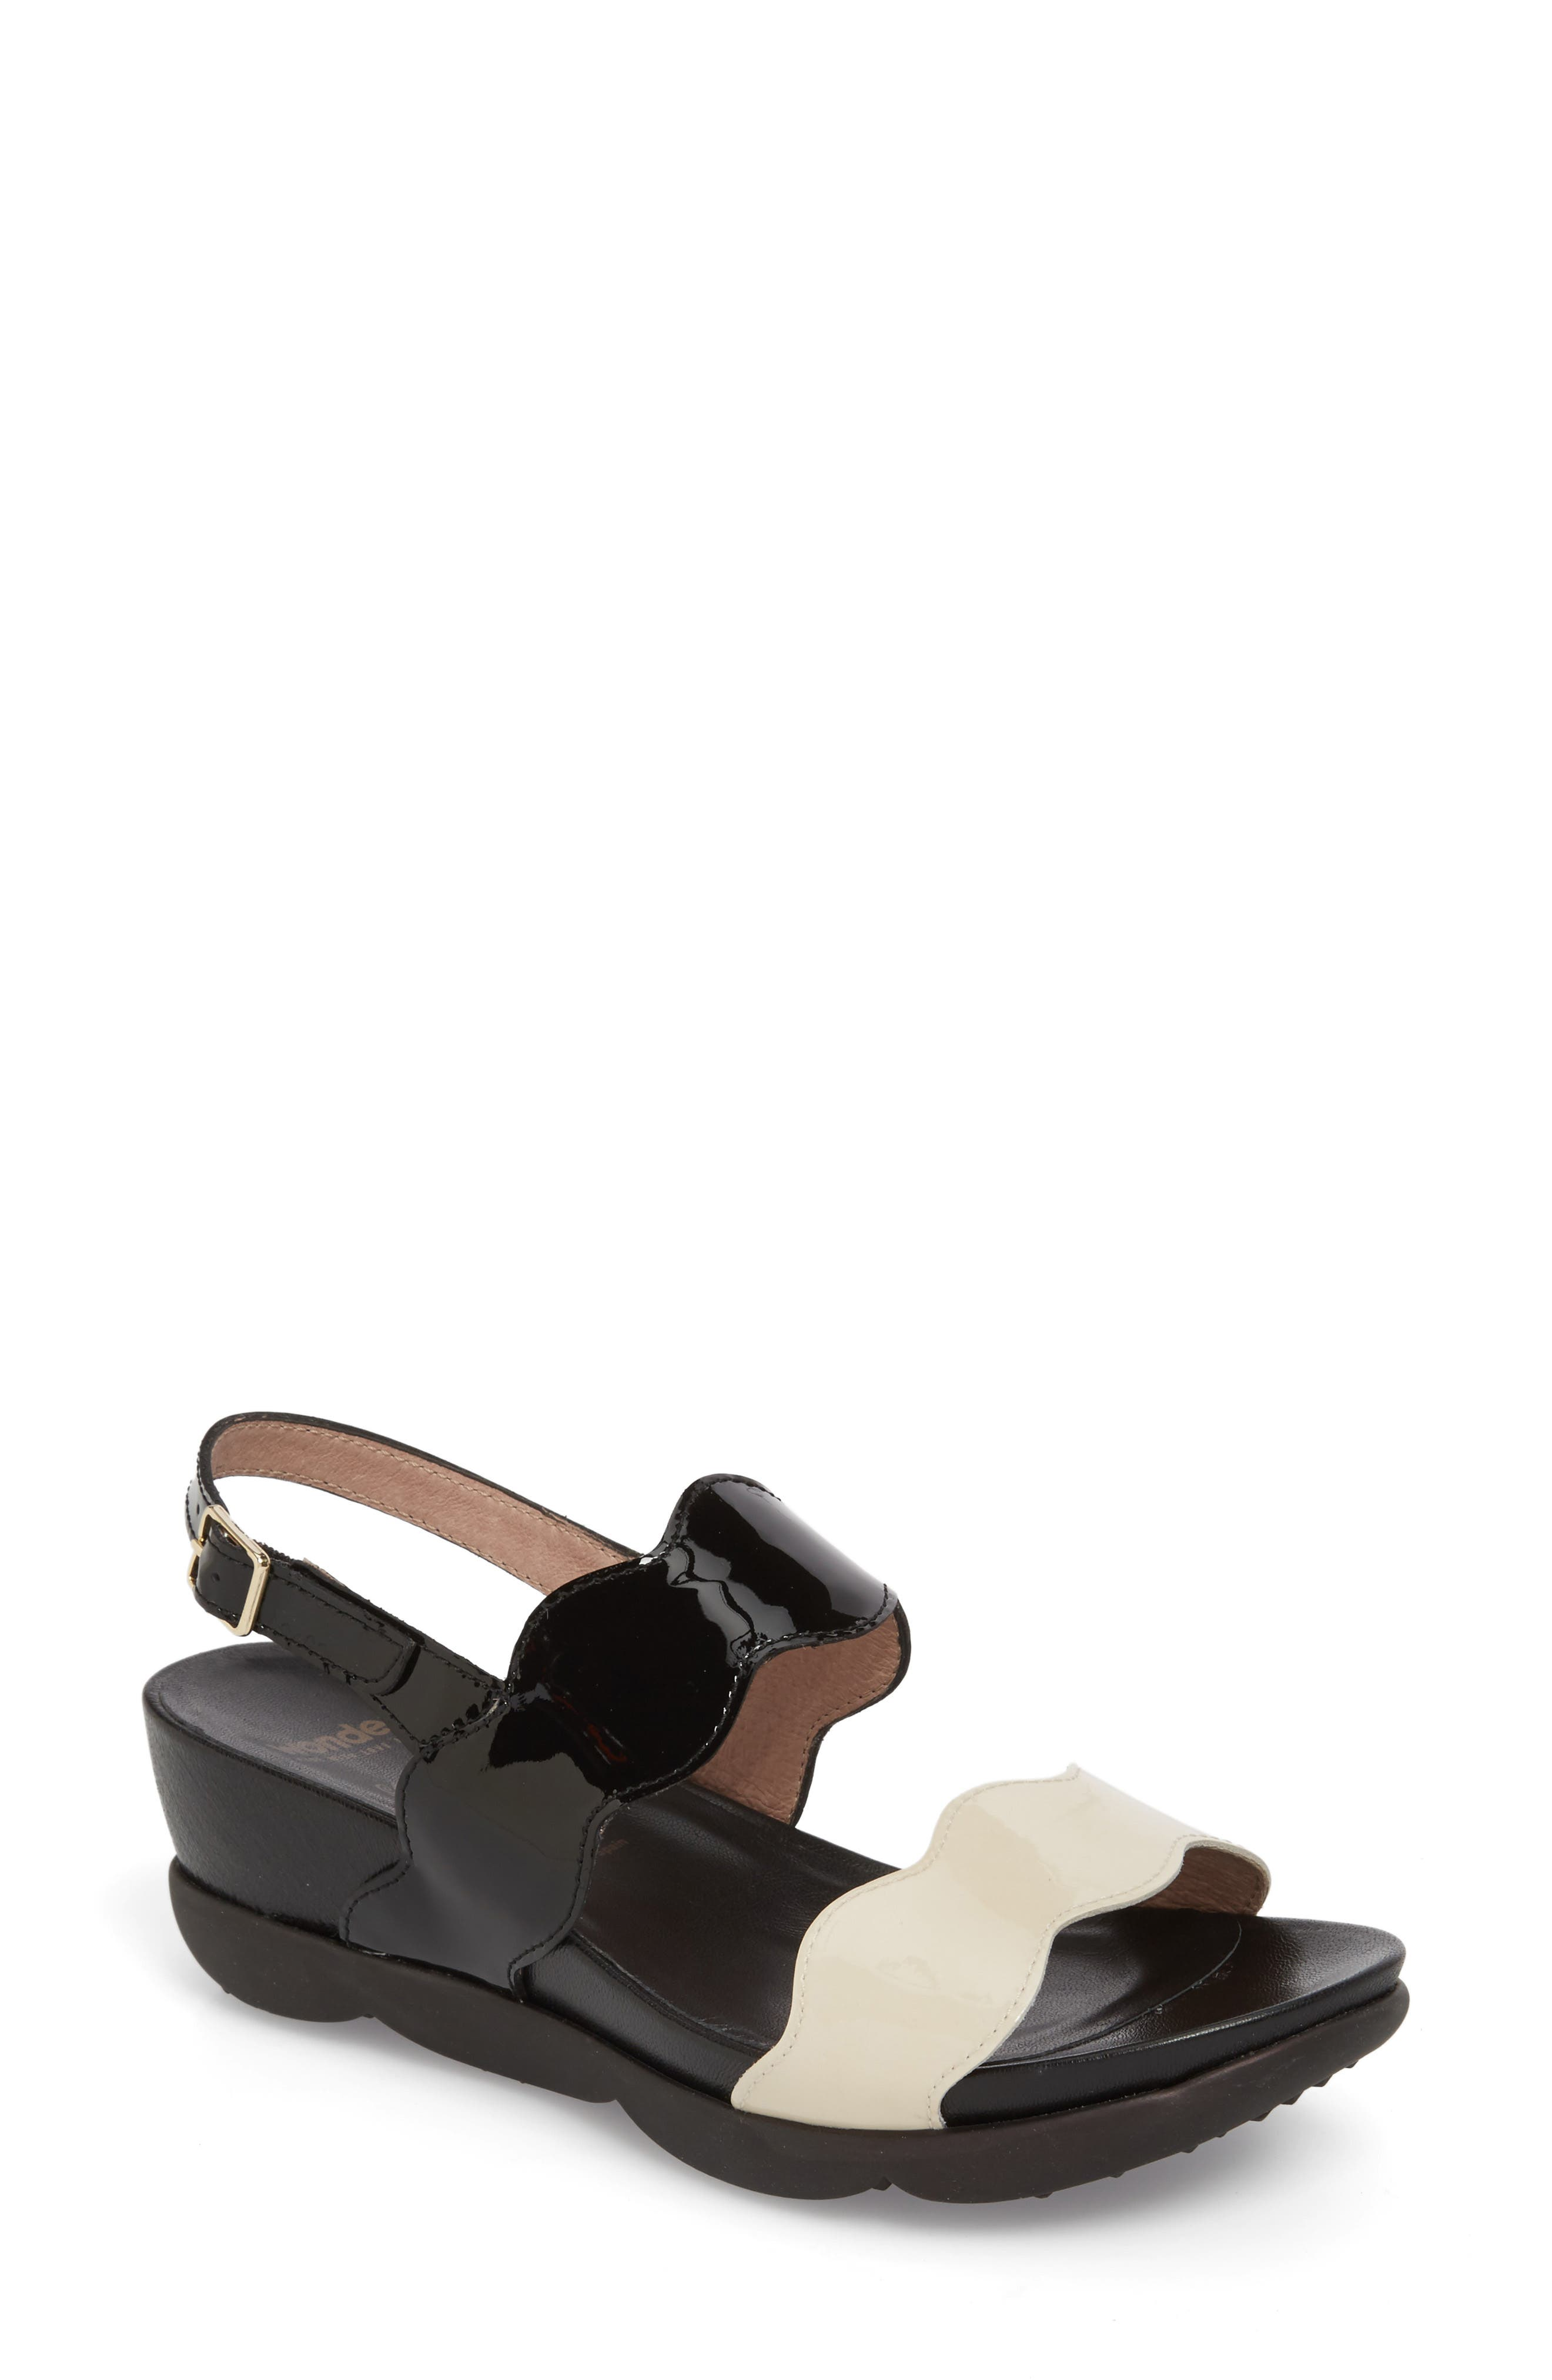 Wonders Wedge Sandal, Black